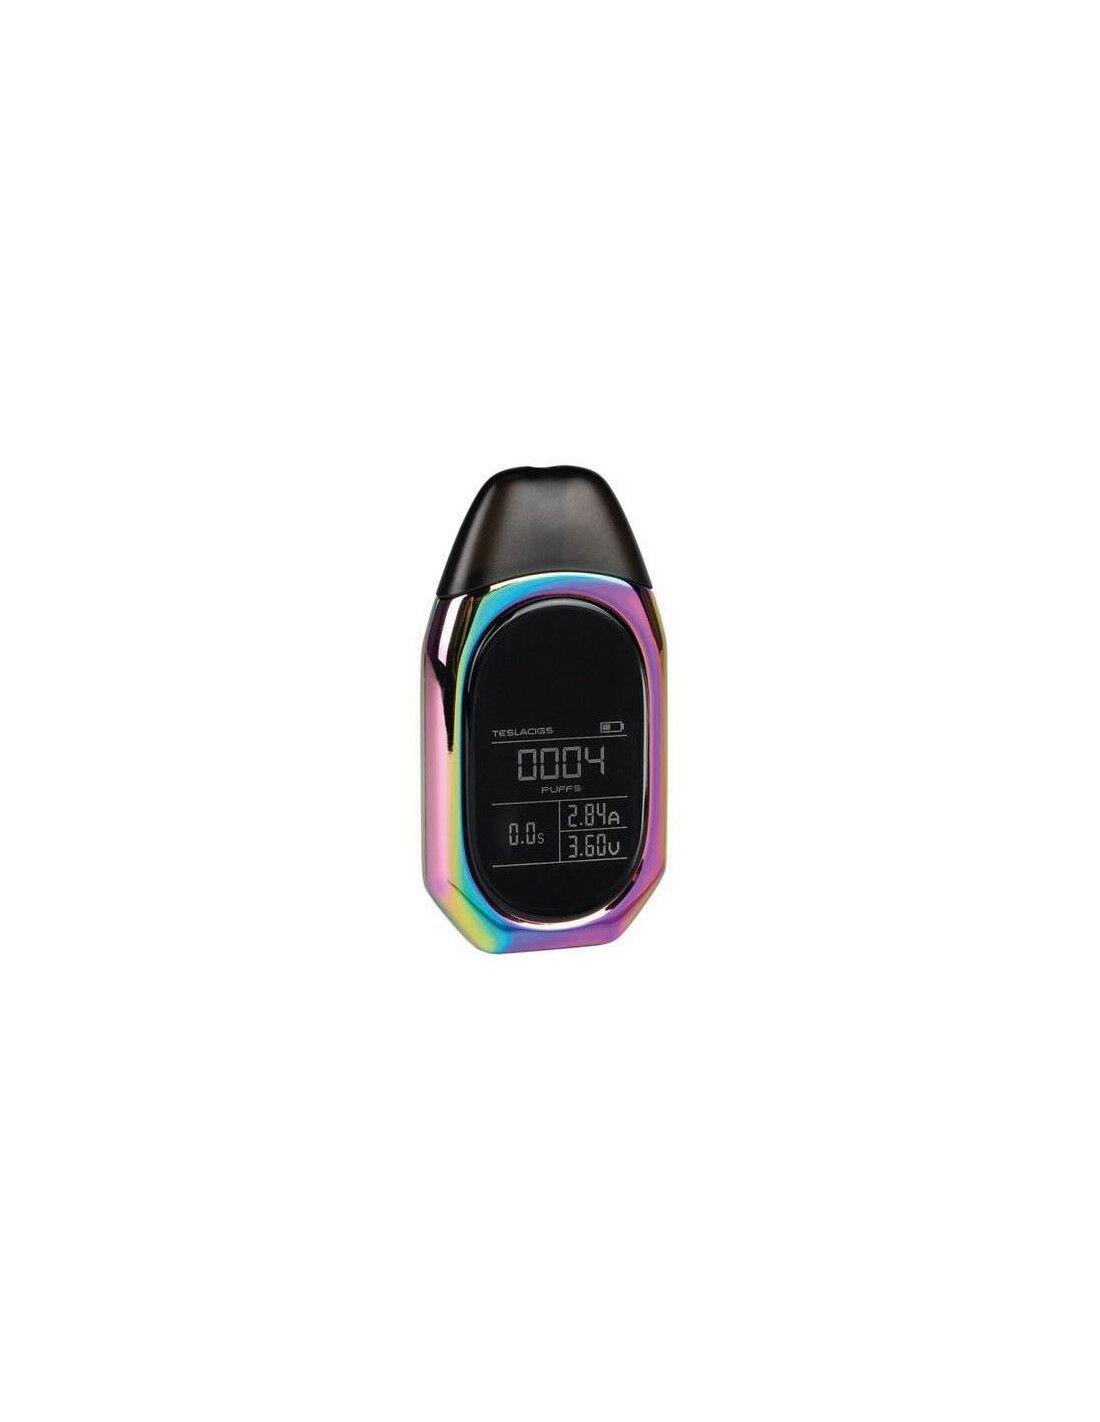 Teslacigs Kit Tpod Pod Aio Sigaretta Elettronica Con Batteria Integrata Da 500mah